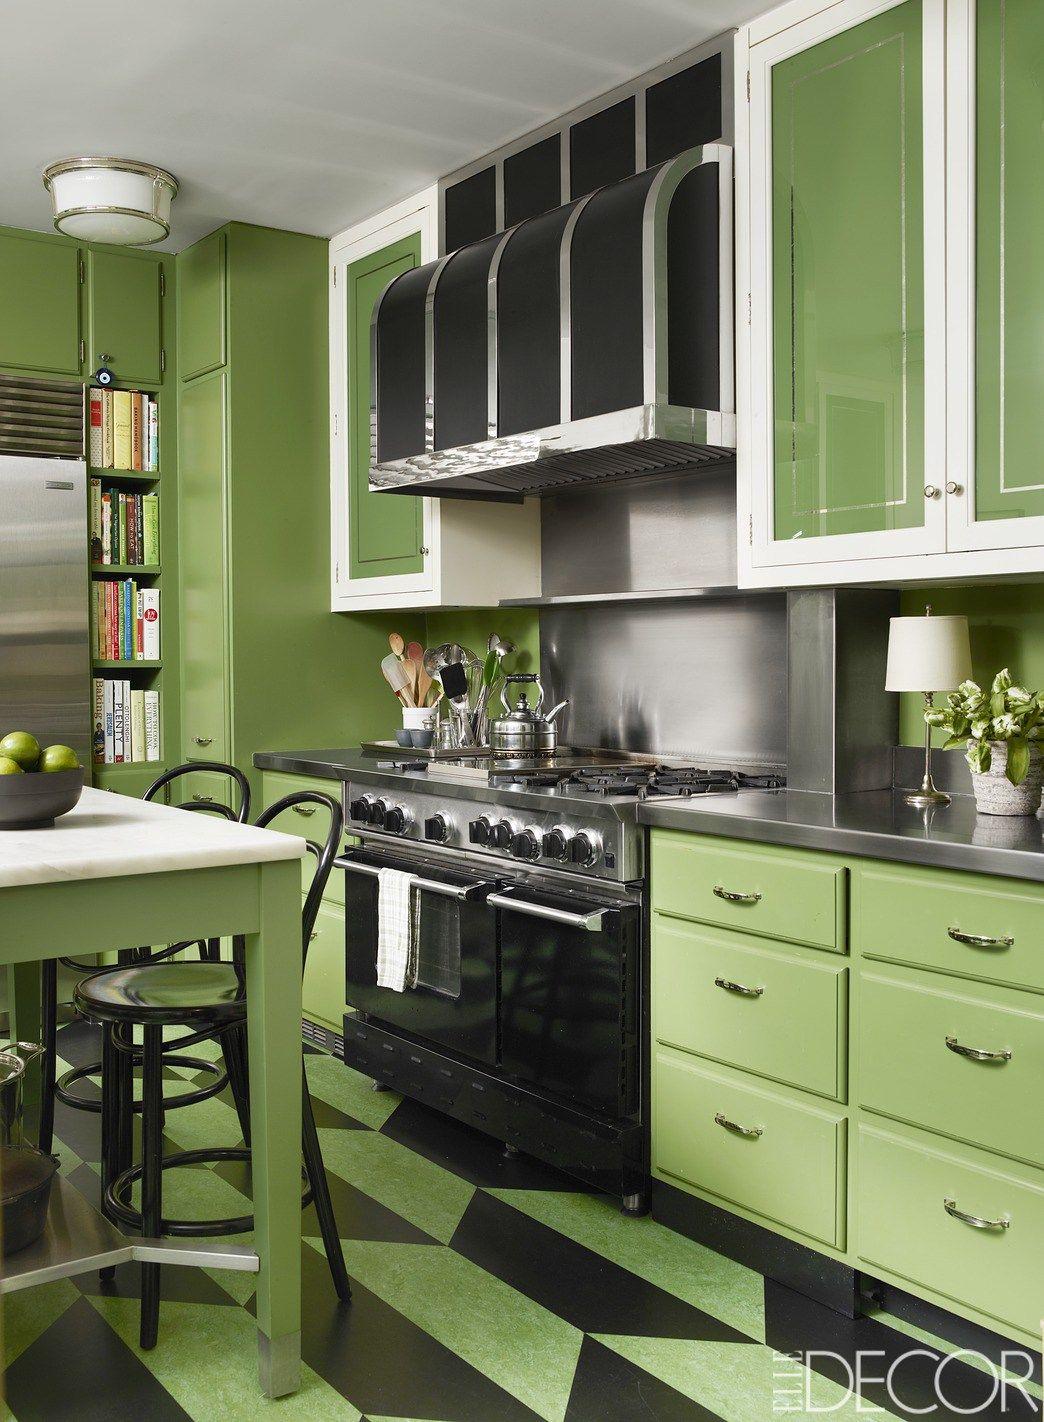 Küchenschrank ideen kleine küchen  small kitchen design ideas decorating tiny kitchens mybktouch